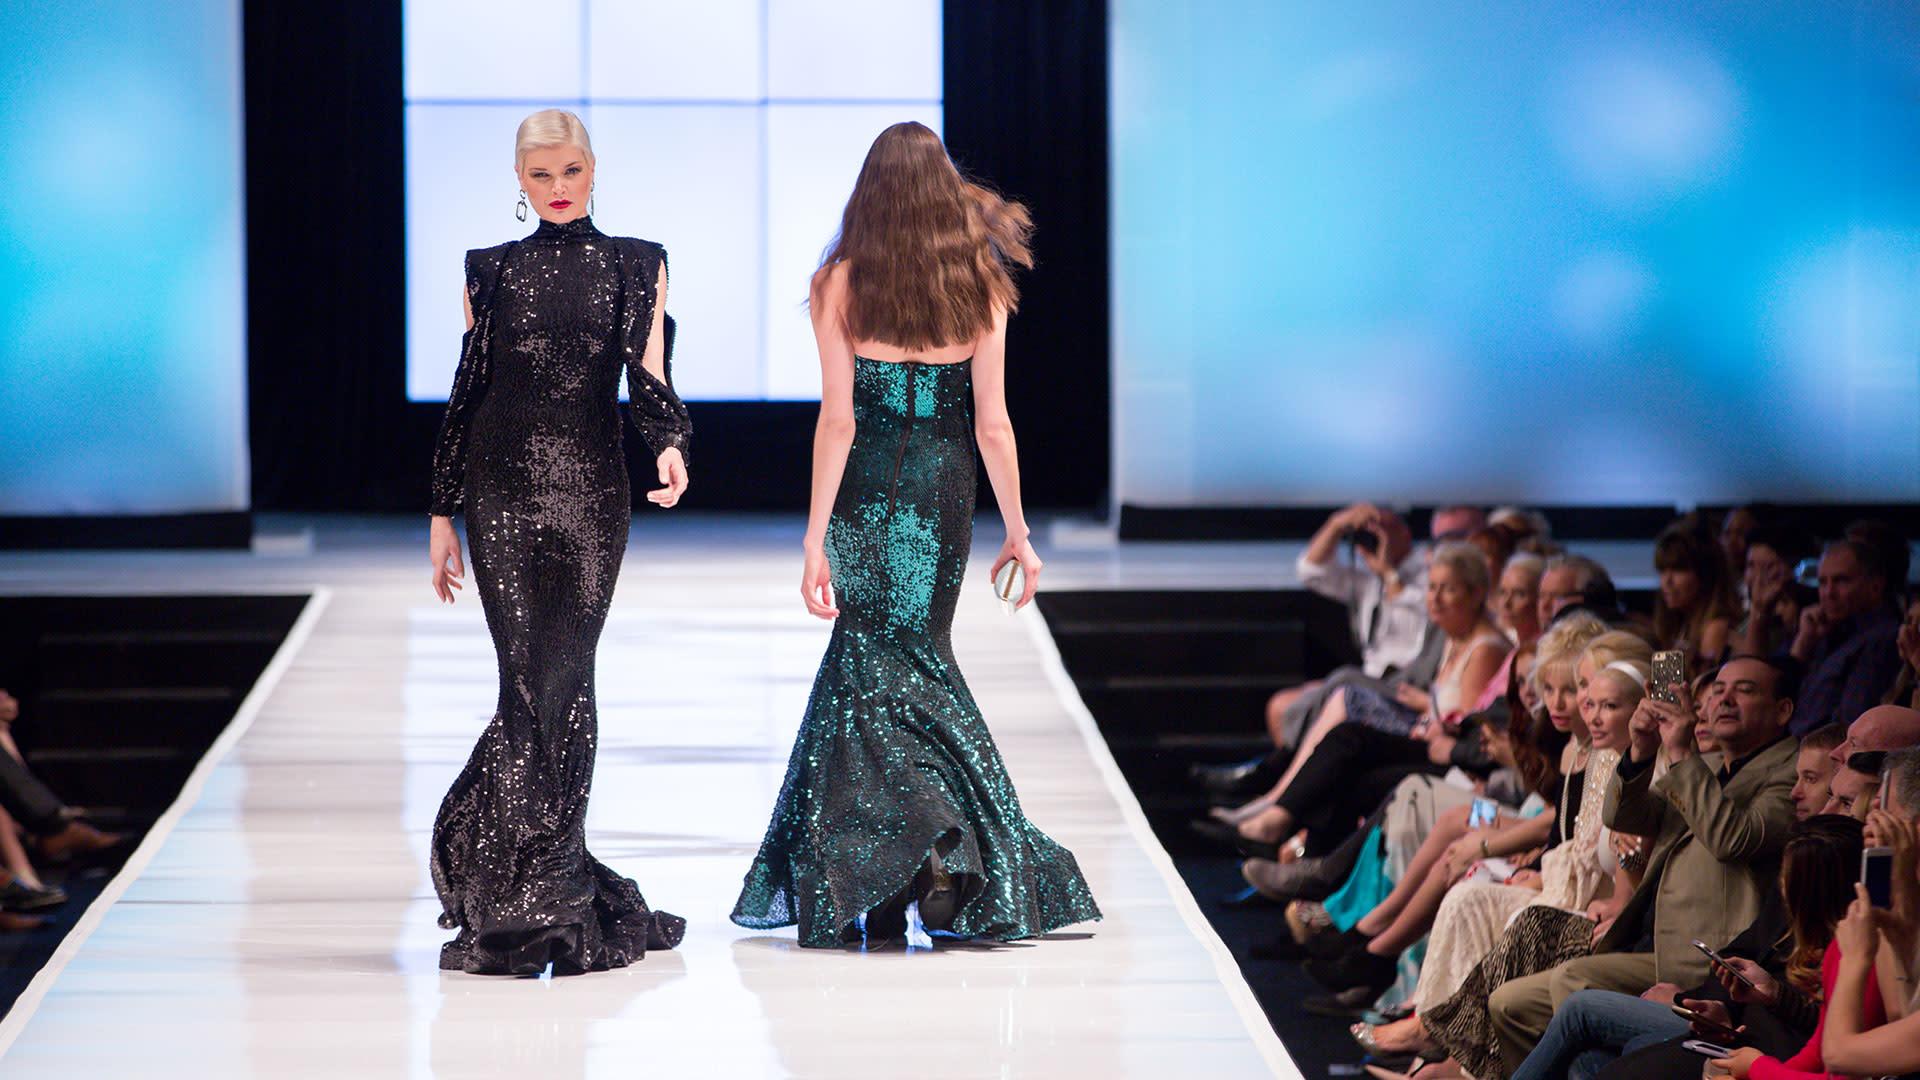 designs on the runway at fashion week el paseo